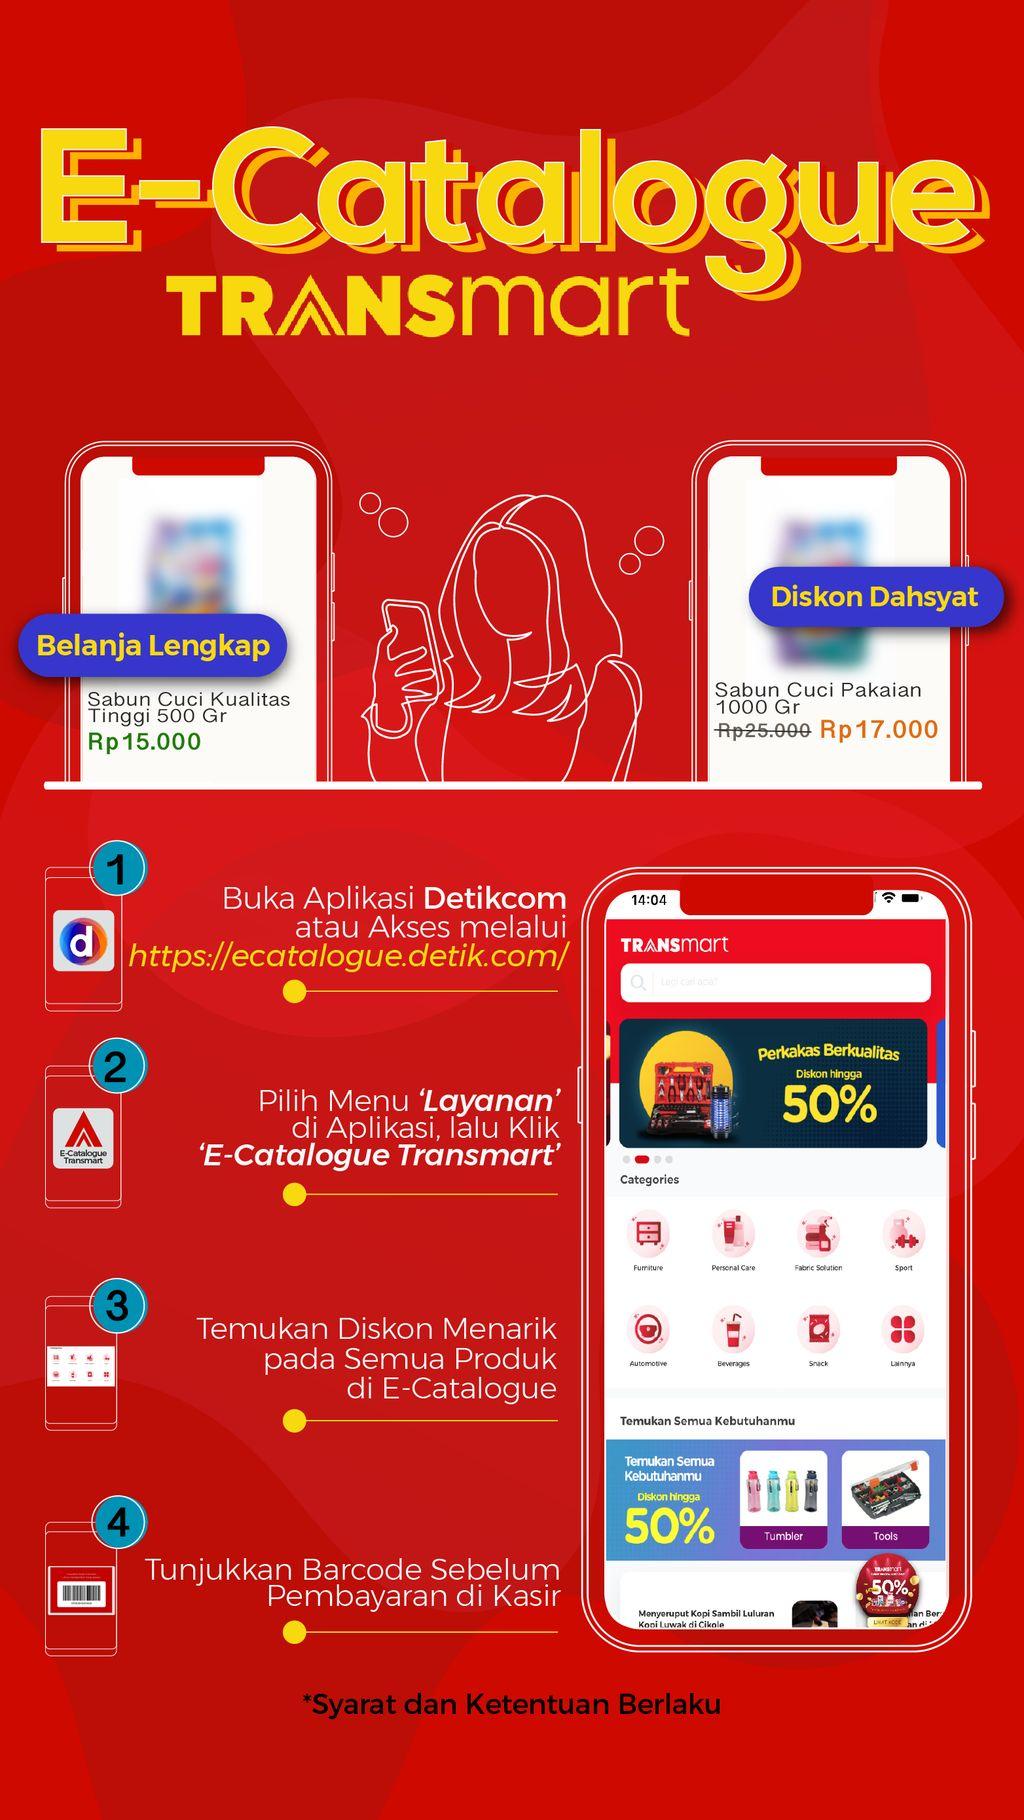 Infografis Transmart